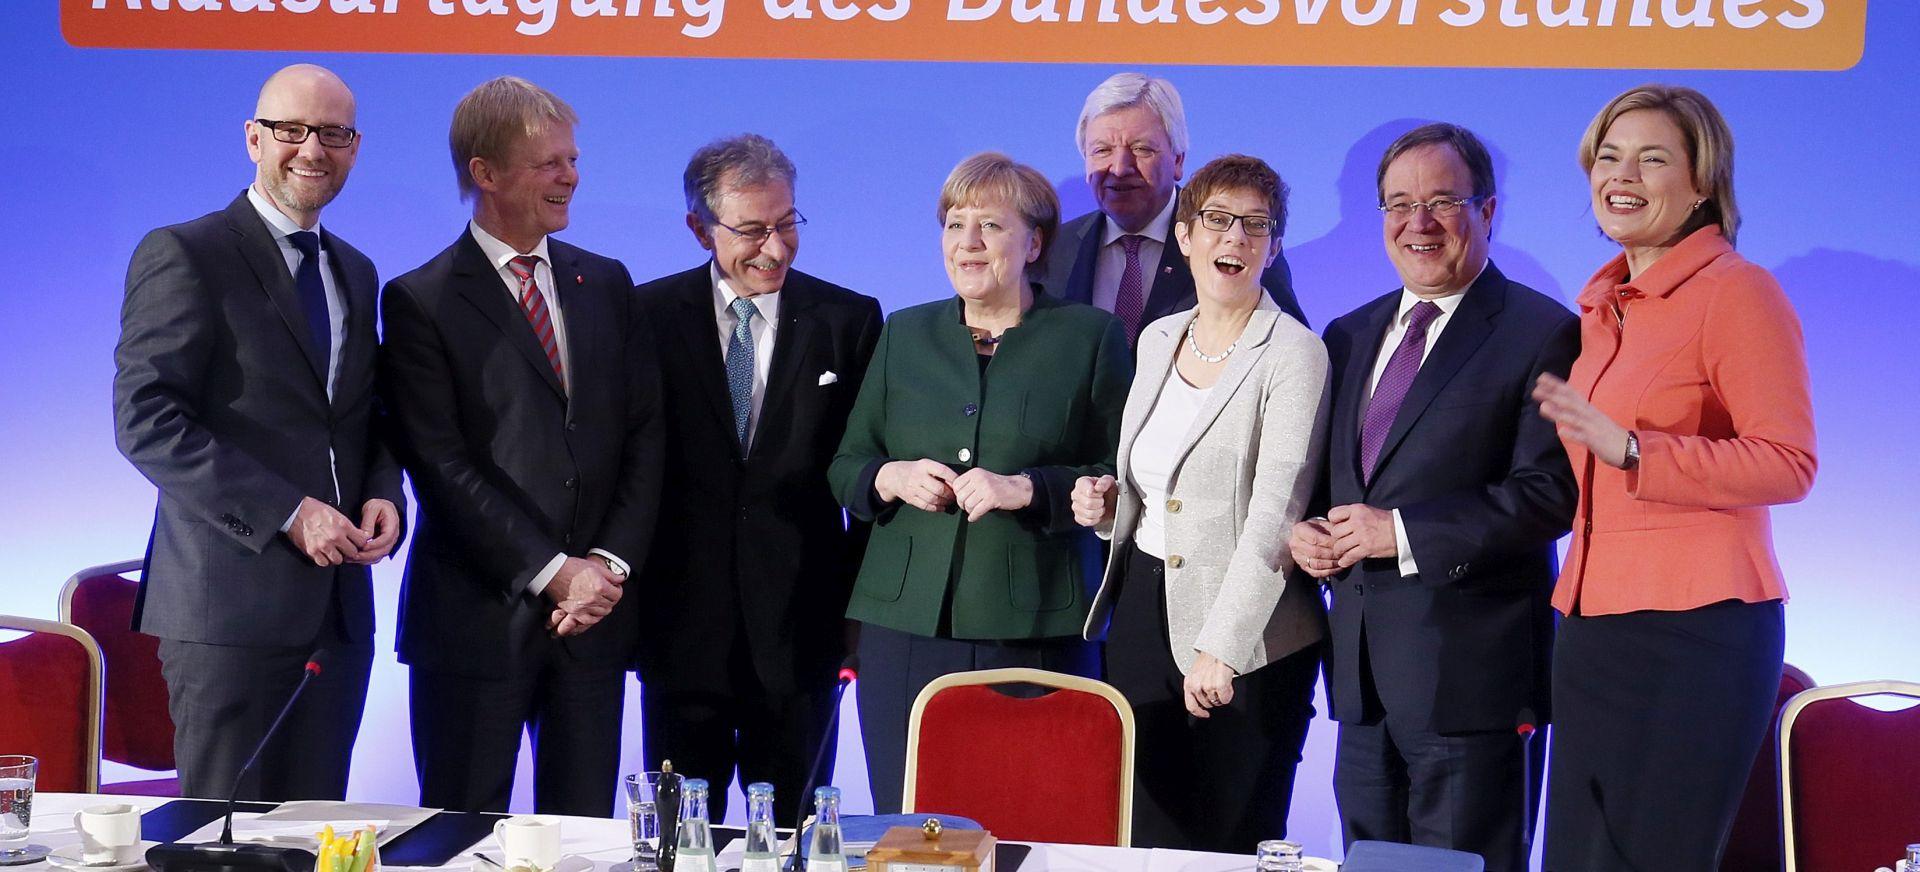 CDU u izbornoj godini uvodi strože sigurnosne mjere